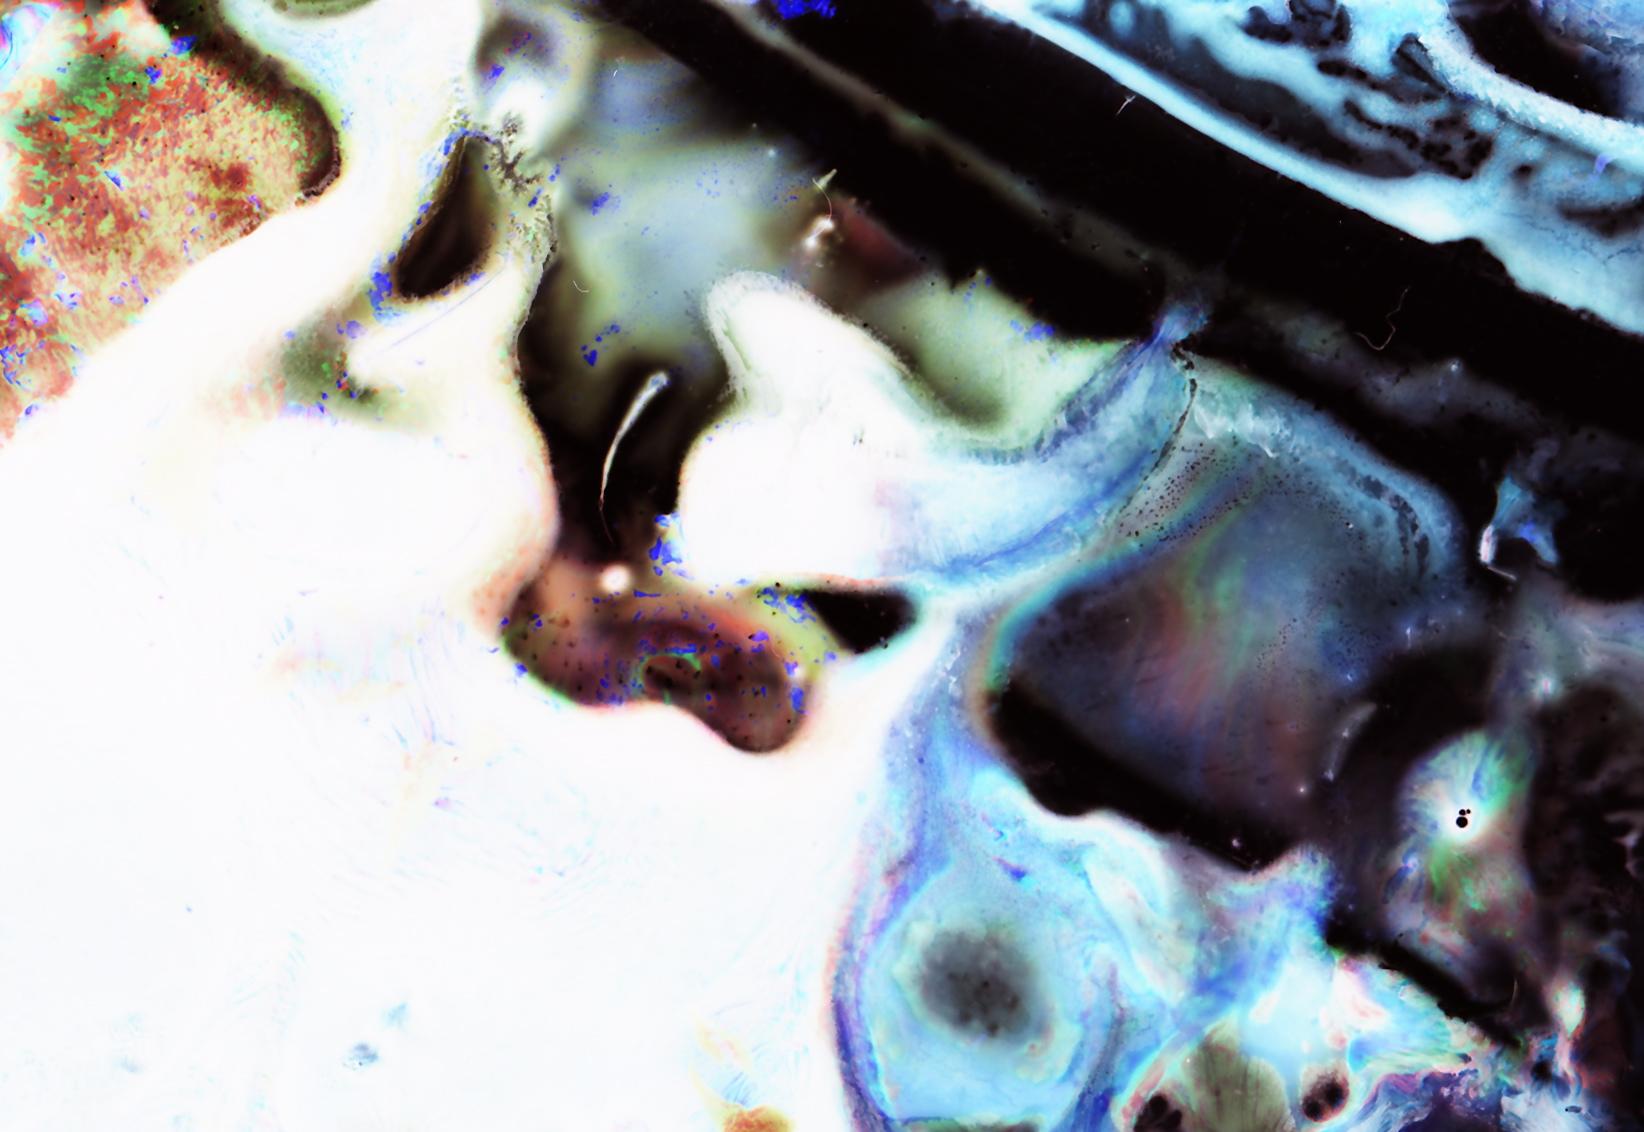 acid negatvie_0009.jpg